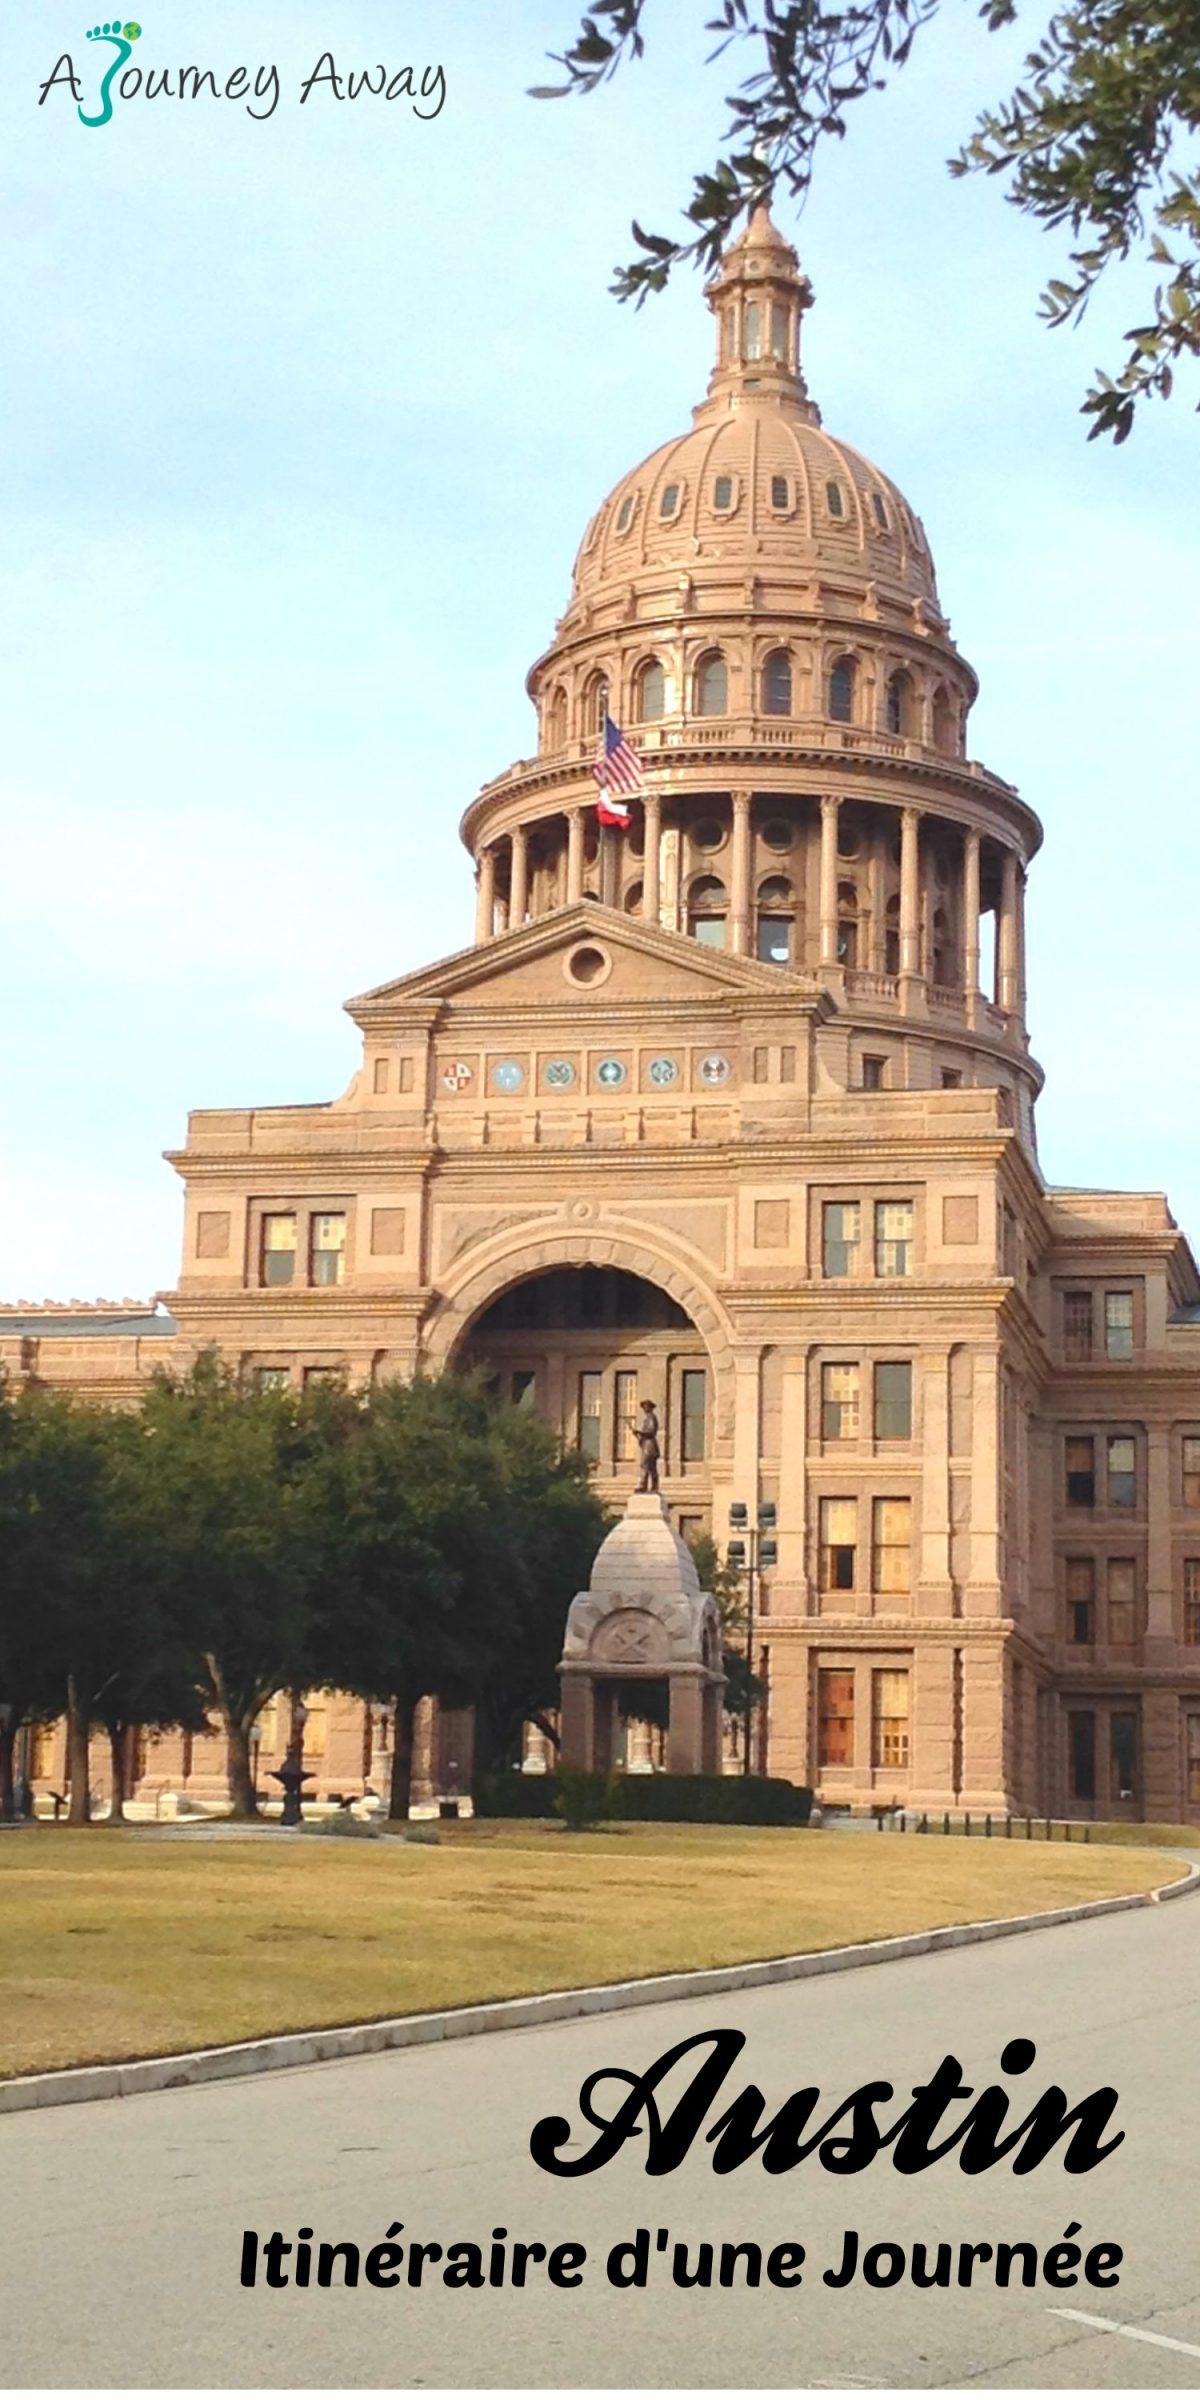 Première Visite d'Austin, Texas : Itinéraire d'une Journée | Blog de voyage A Journey Away